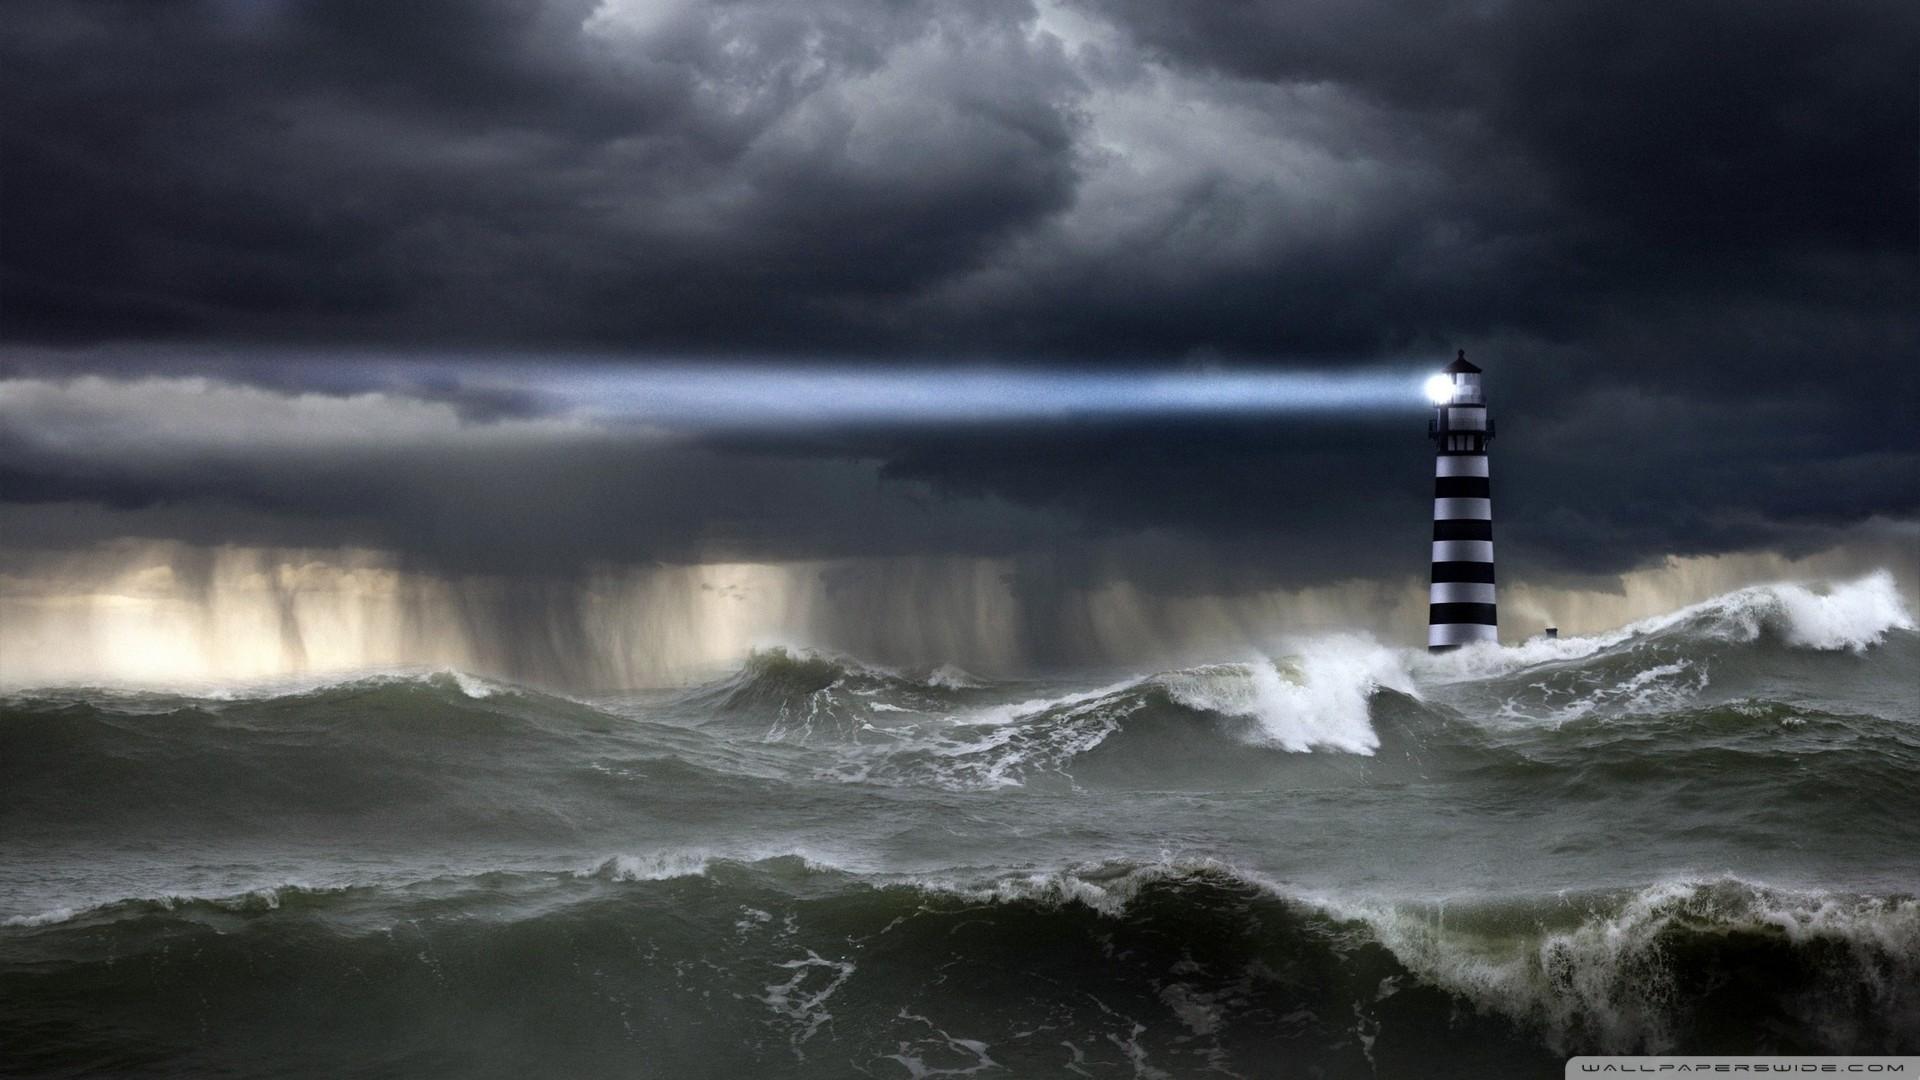 Sea Storm Wallpaper Sea, Storm